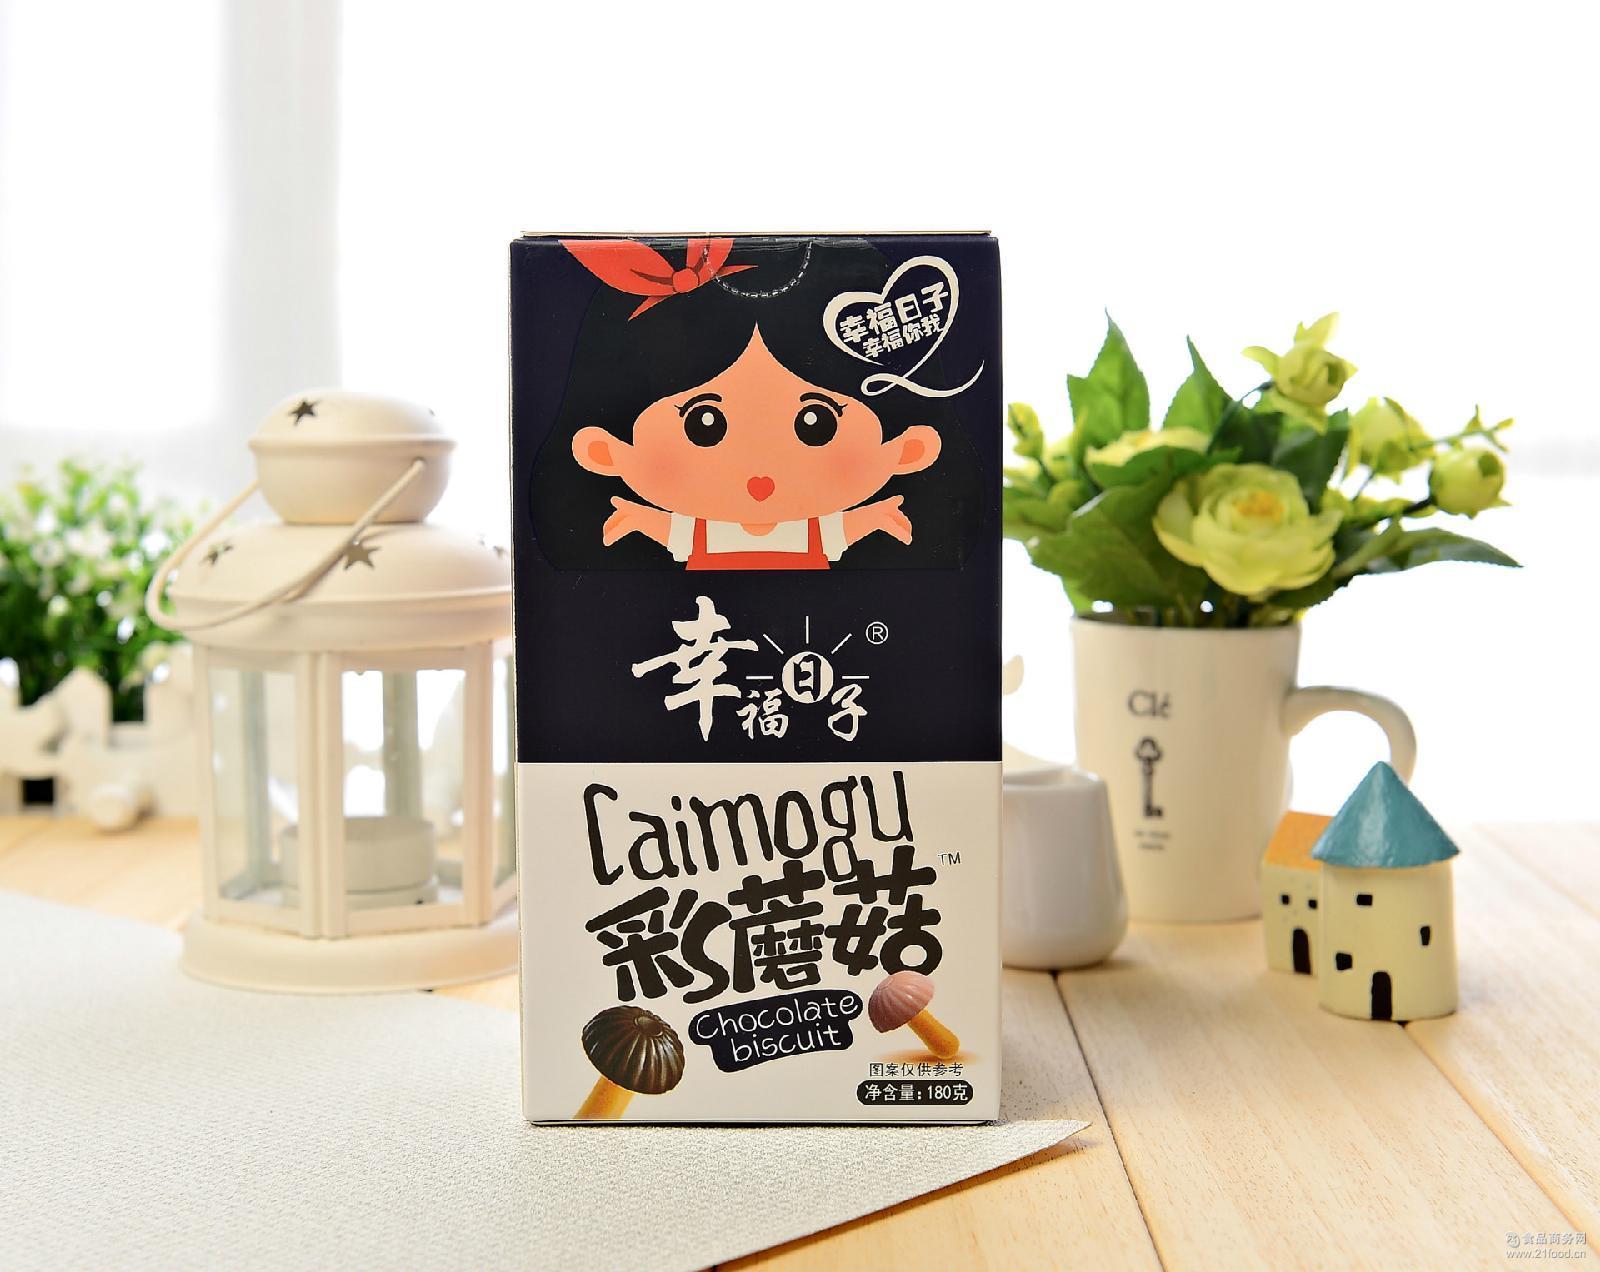 牛奶巧克力味蘑菇饼干棒批发 手工饼干休闲包装小零食品厂家